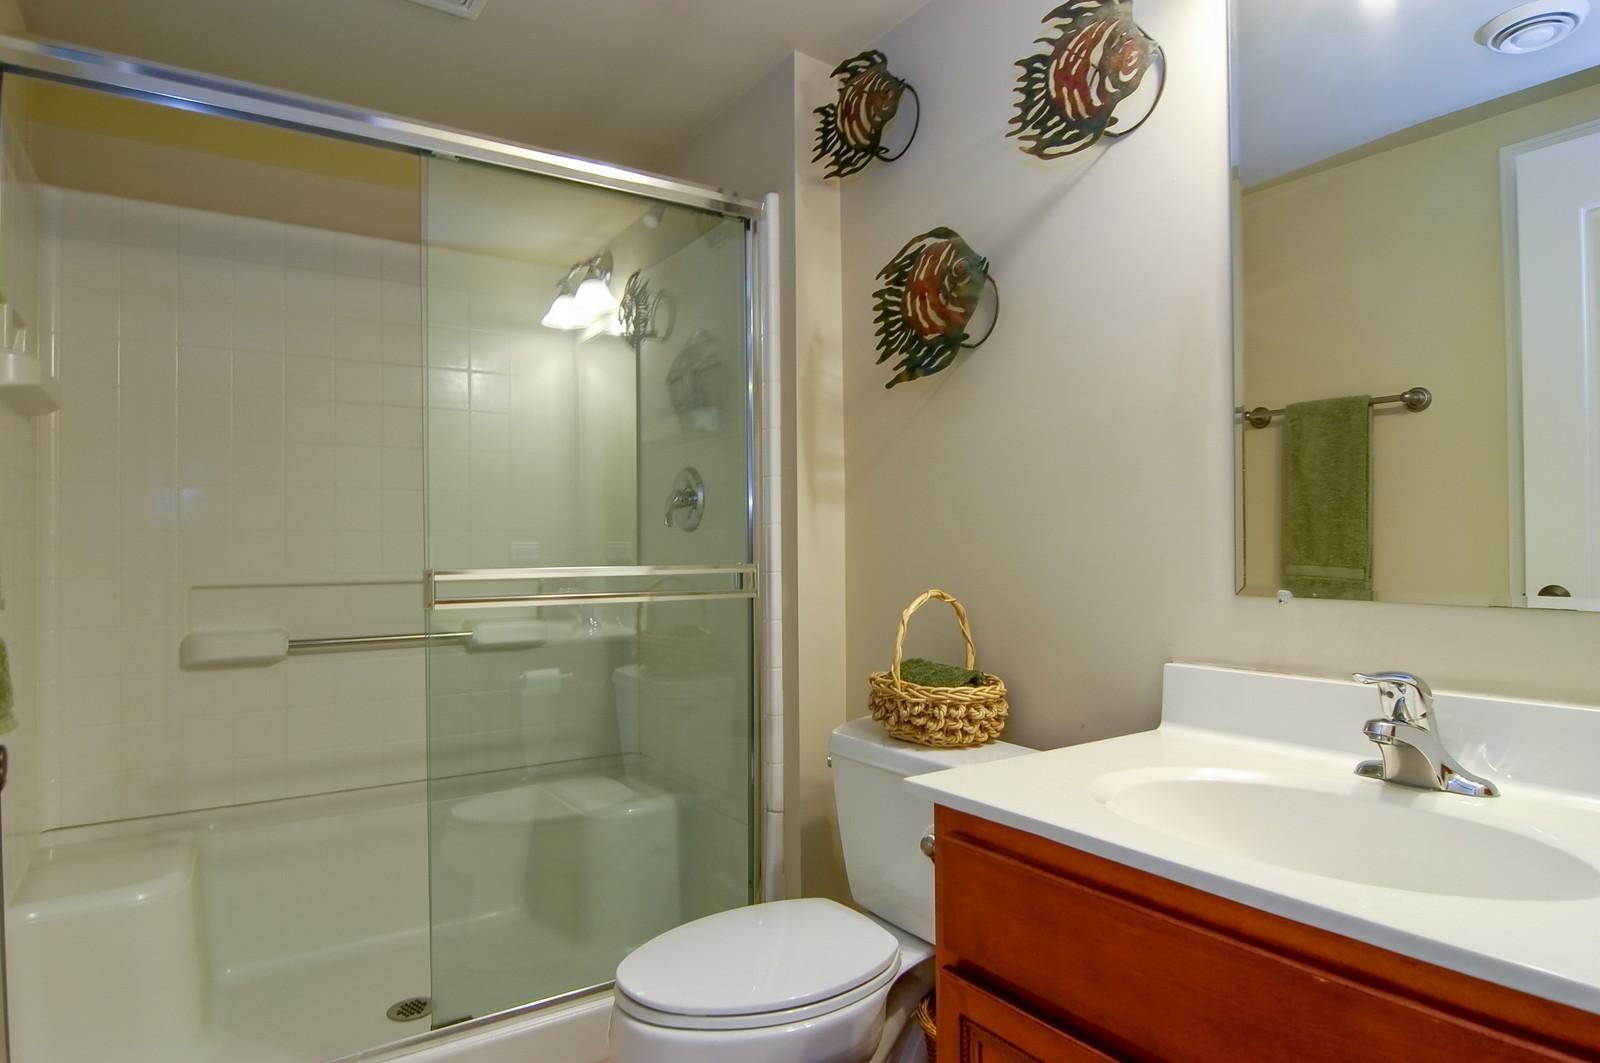 Real Estate Photography - 203 E. Lincoln, Wheaton, IL, 60187 - 5th Bathroom (Basement)